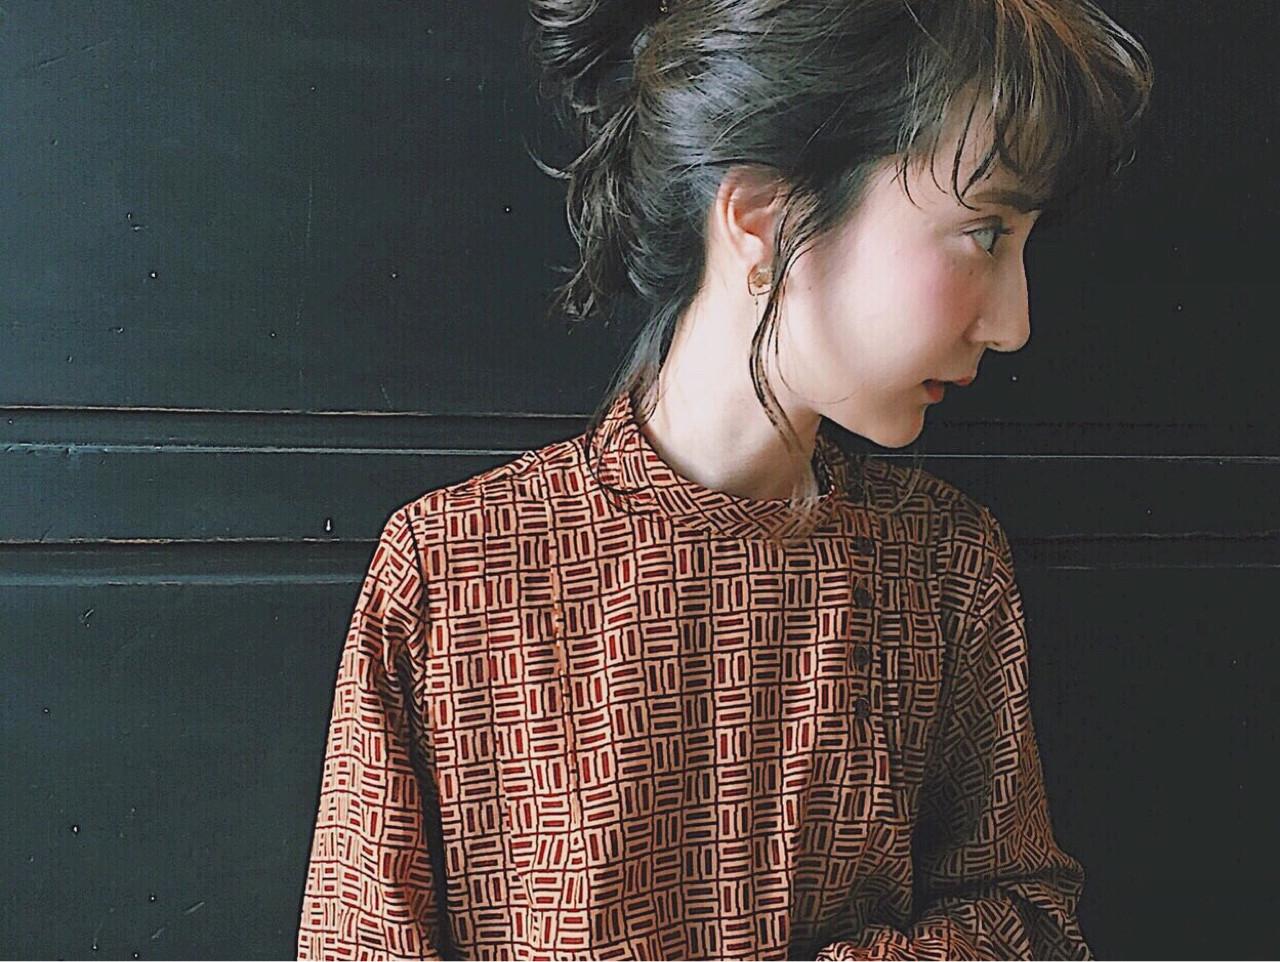 前髪あり 大人女子 ミディアム 簡単ヘアアレンジ ヘアスタイルや髪型の写真・画像